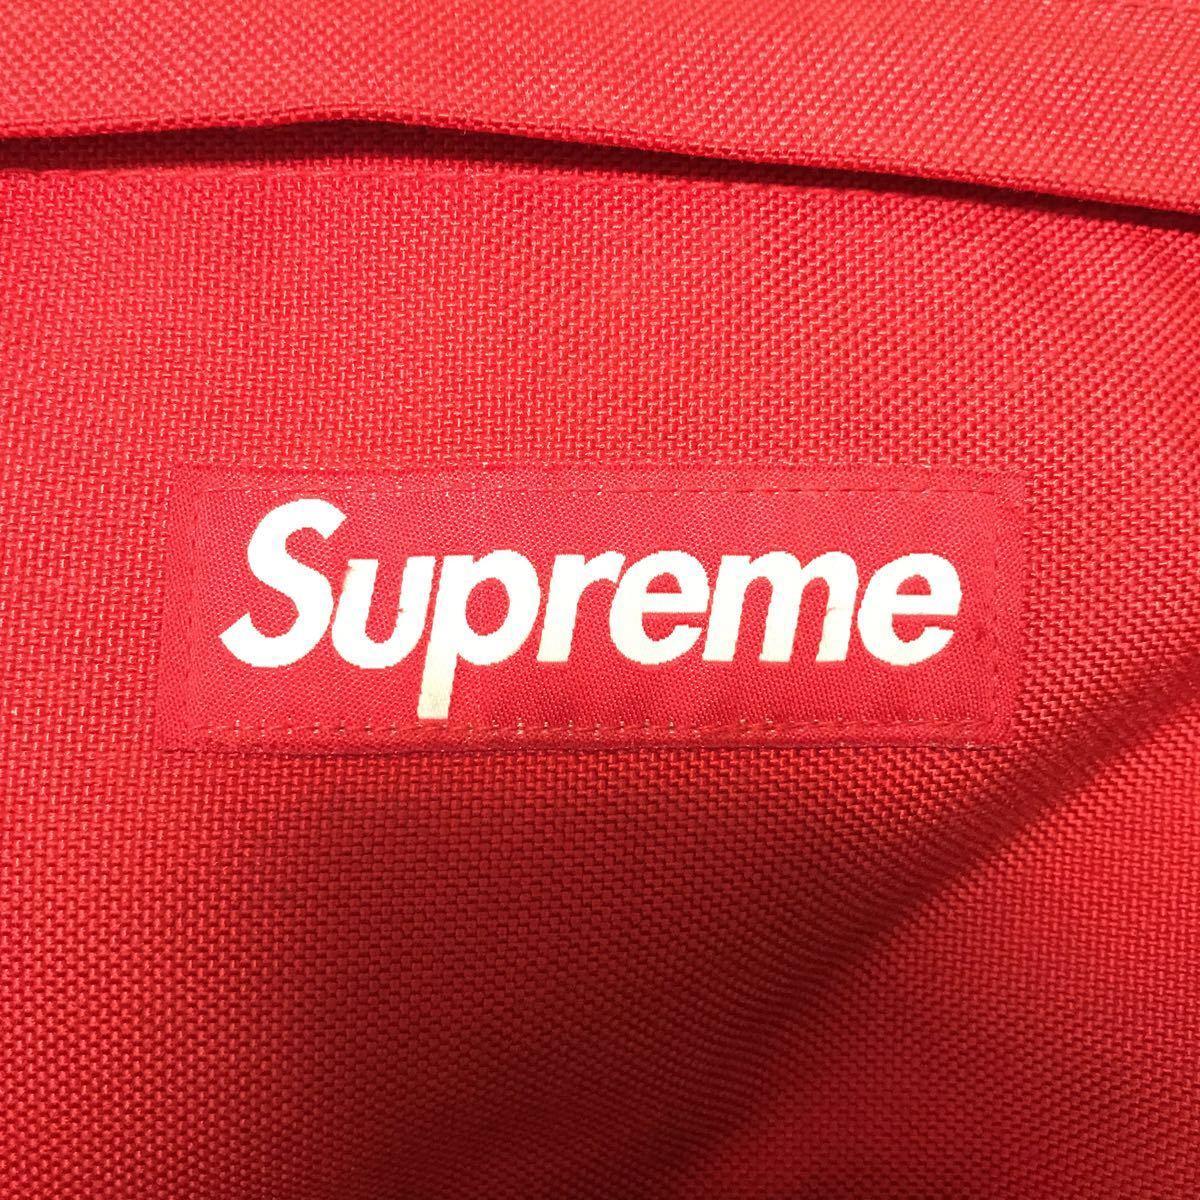 美品 Supreme 15SS Backpack シュプリーム バックパック リュック カバン 鞄 バッグ Bag レッド 赤 Red レインカバー付き_画像5